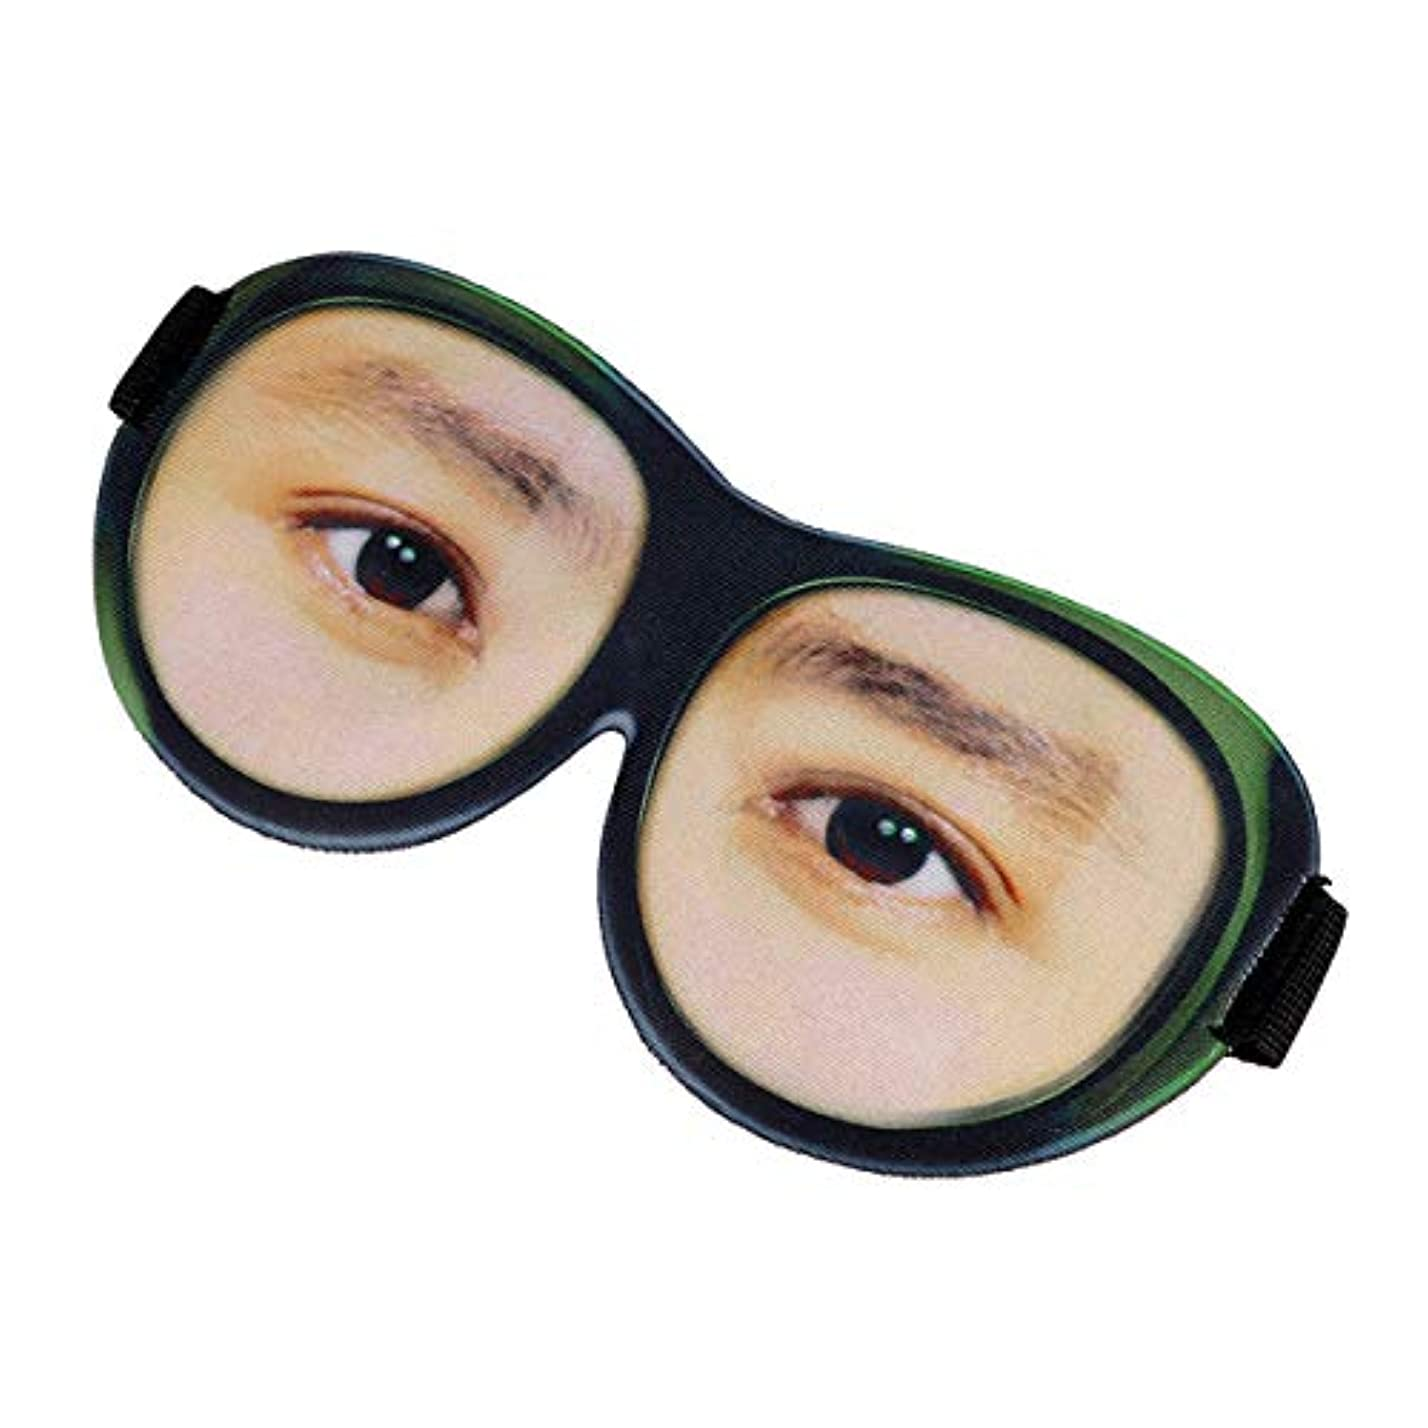 後ジョイントビートBeaupretty 睡眠マスクメガネ3d付き調節可能ストラップアイアイシェード睡眠アイシェード遮光ブロック用ホーム旅行屋外旅行